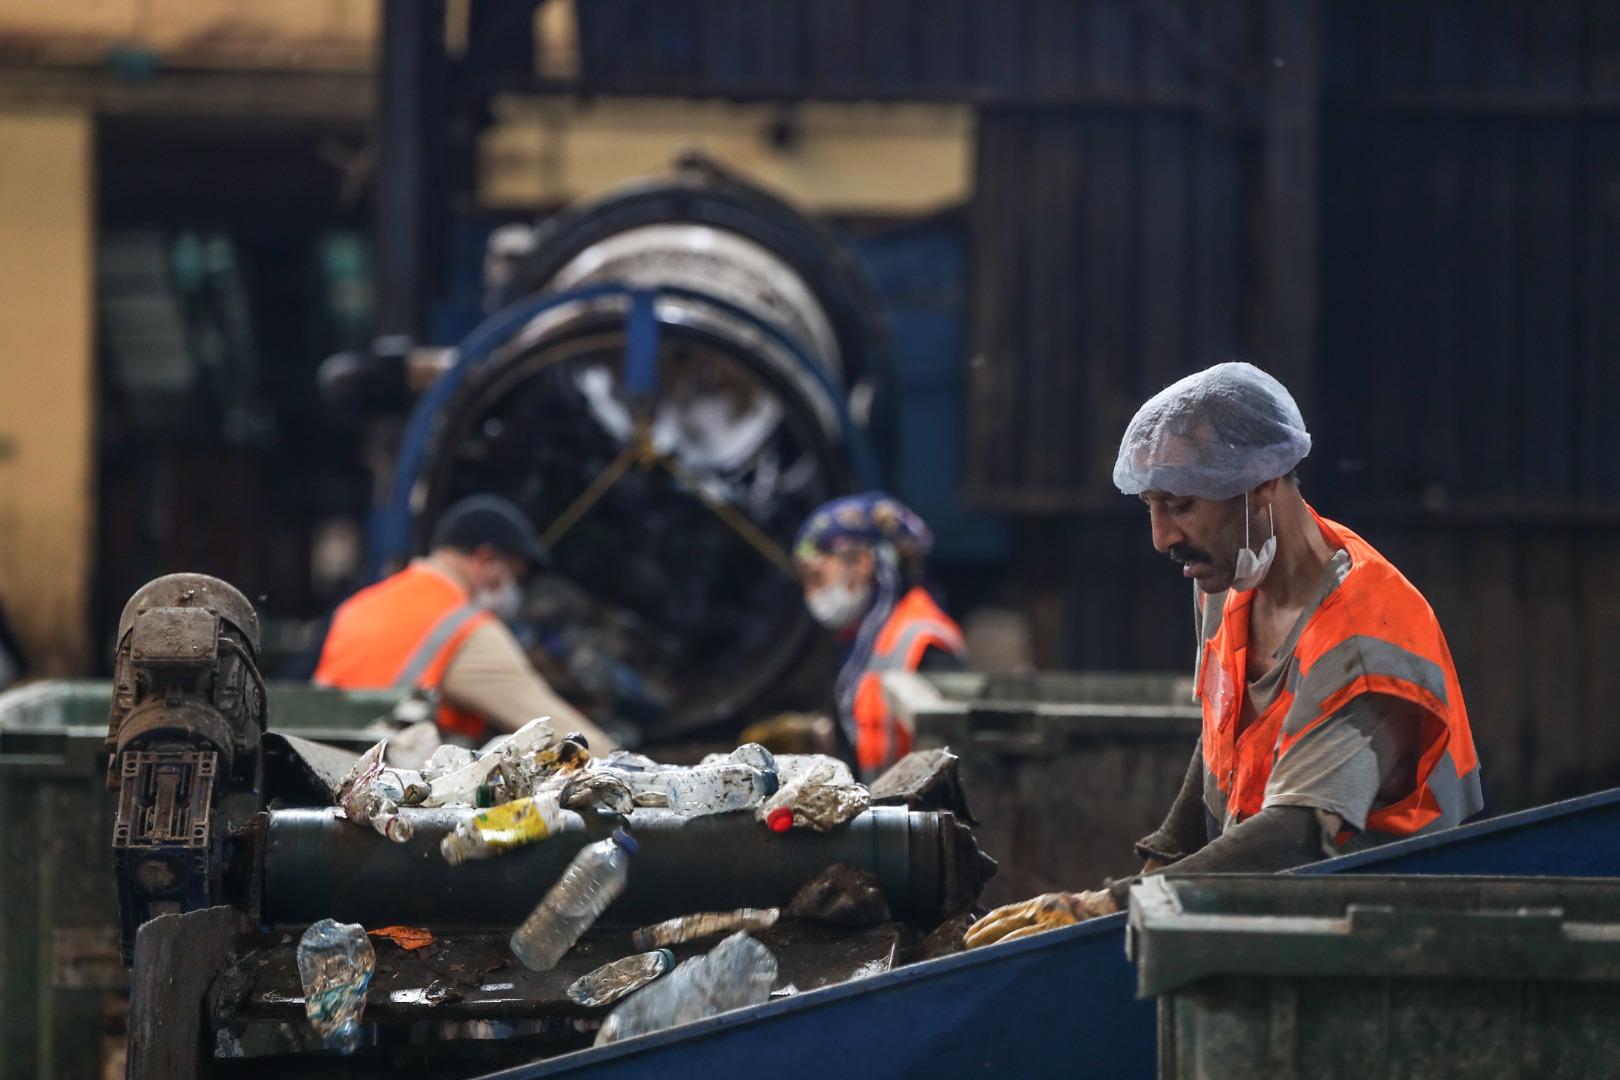 İstanbul'da 1 kişi günde 1,1 kilogram atık üretiyor... Çöpler gübre ve elektrik olarak dönüyor